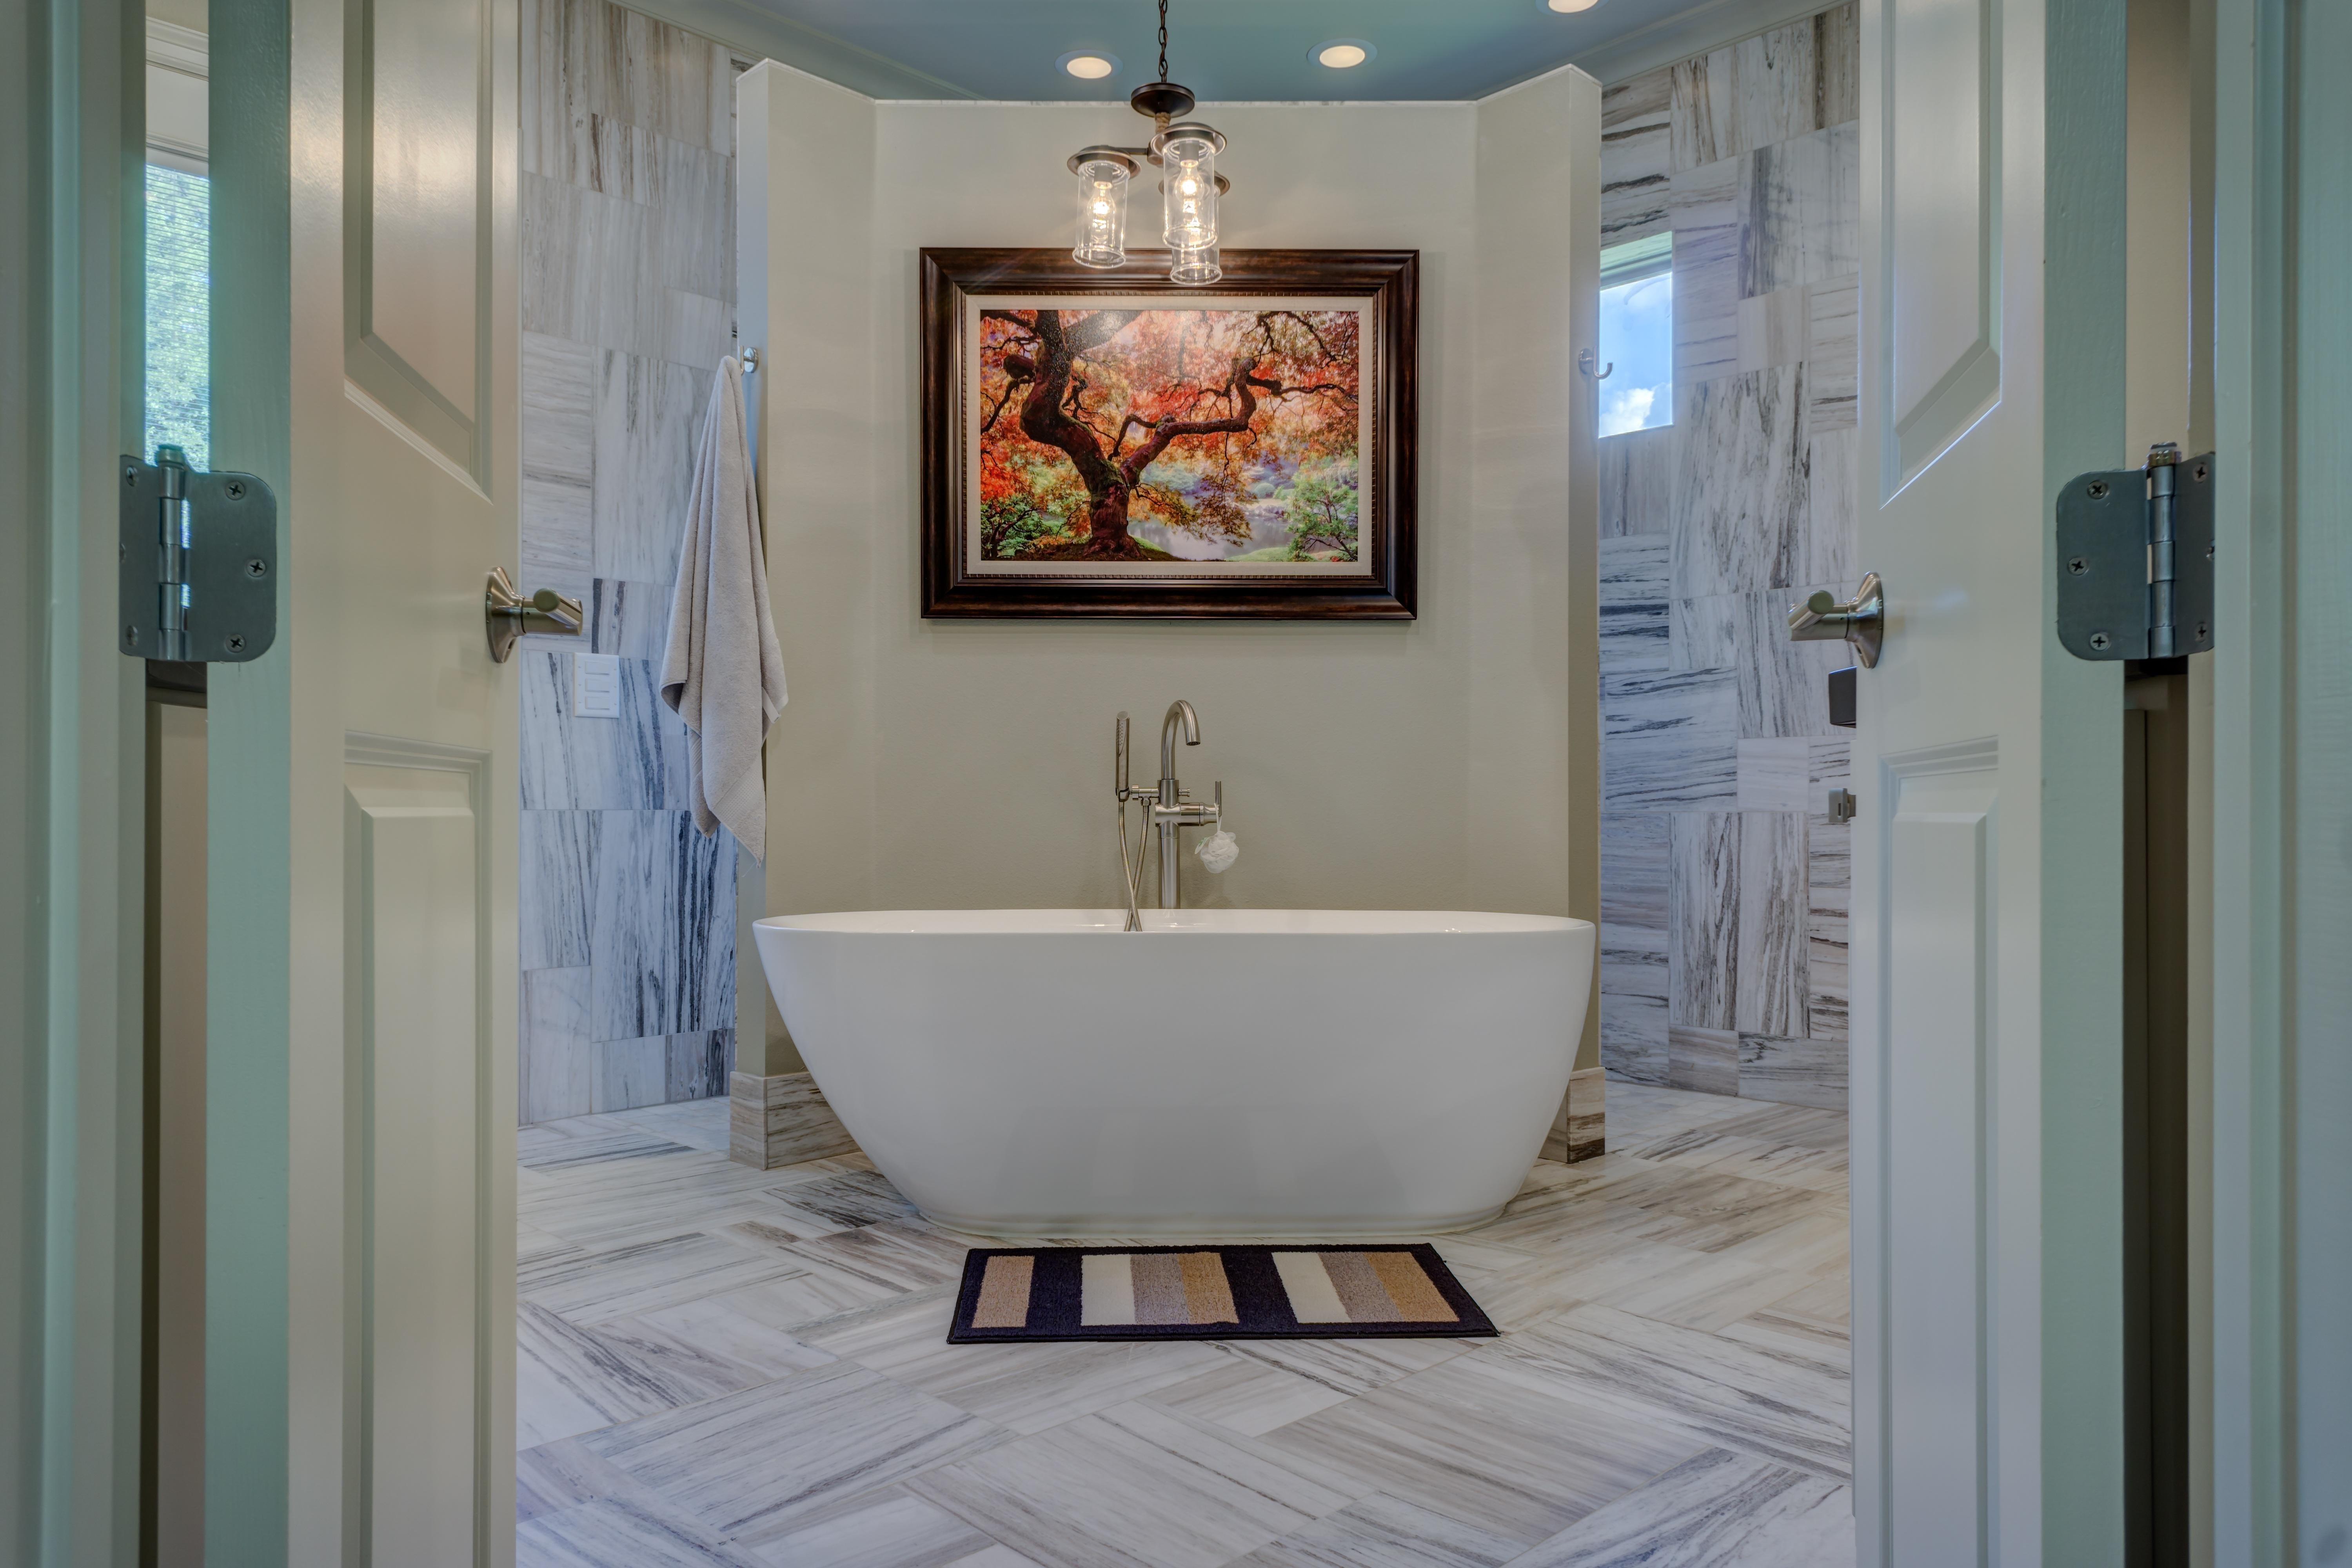 Gratis billeder : etage, hjem, ejendom, værelse, Indretning, badekar ...